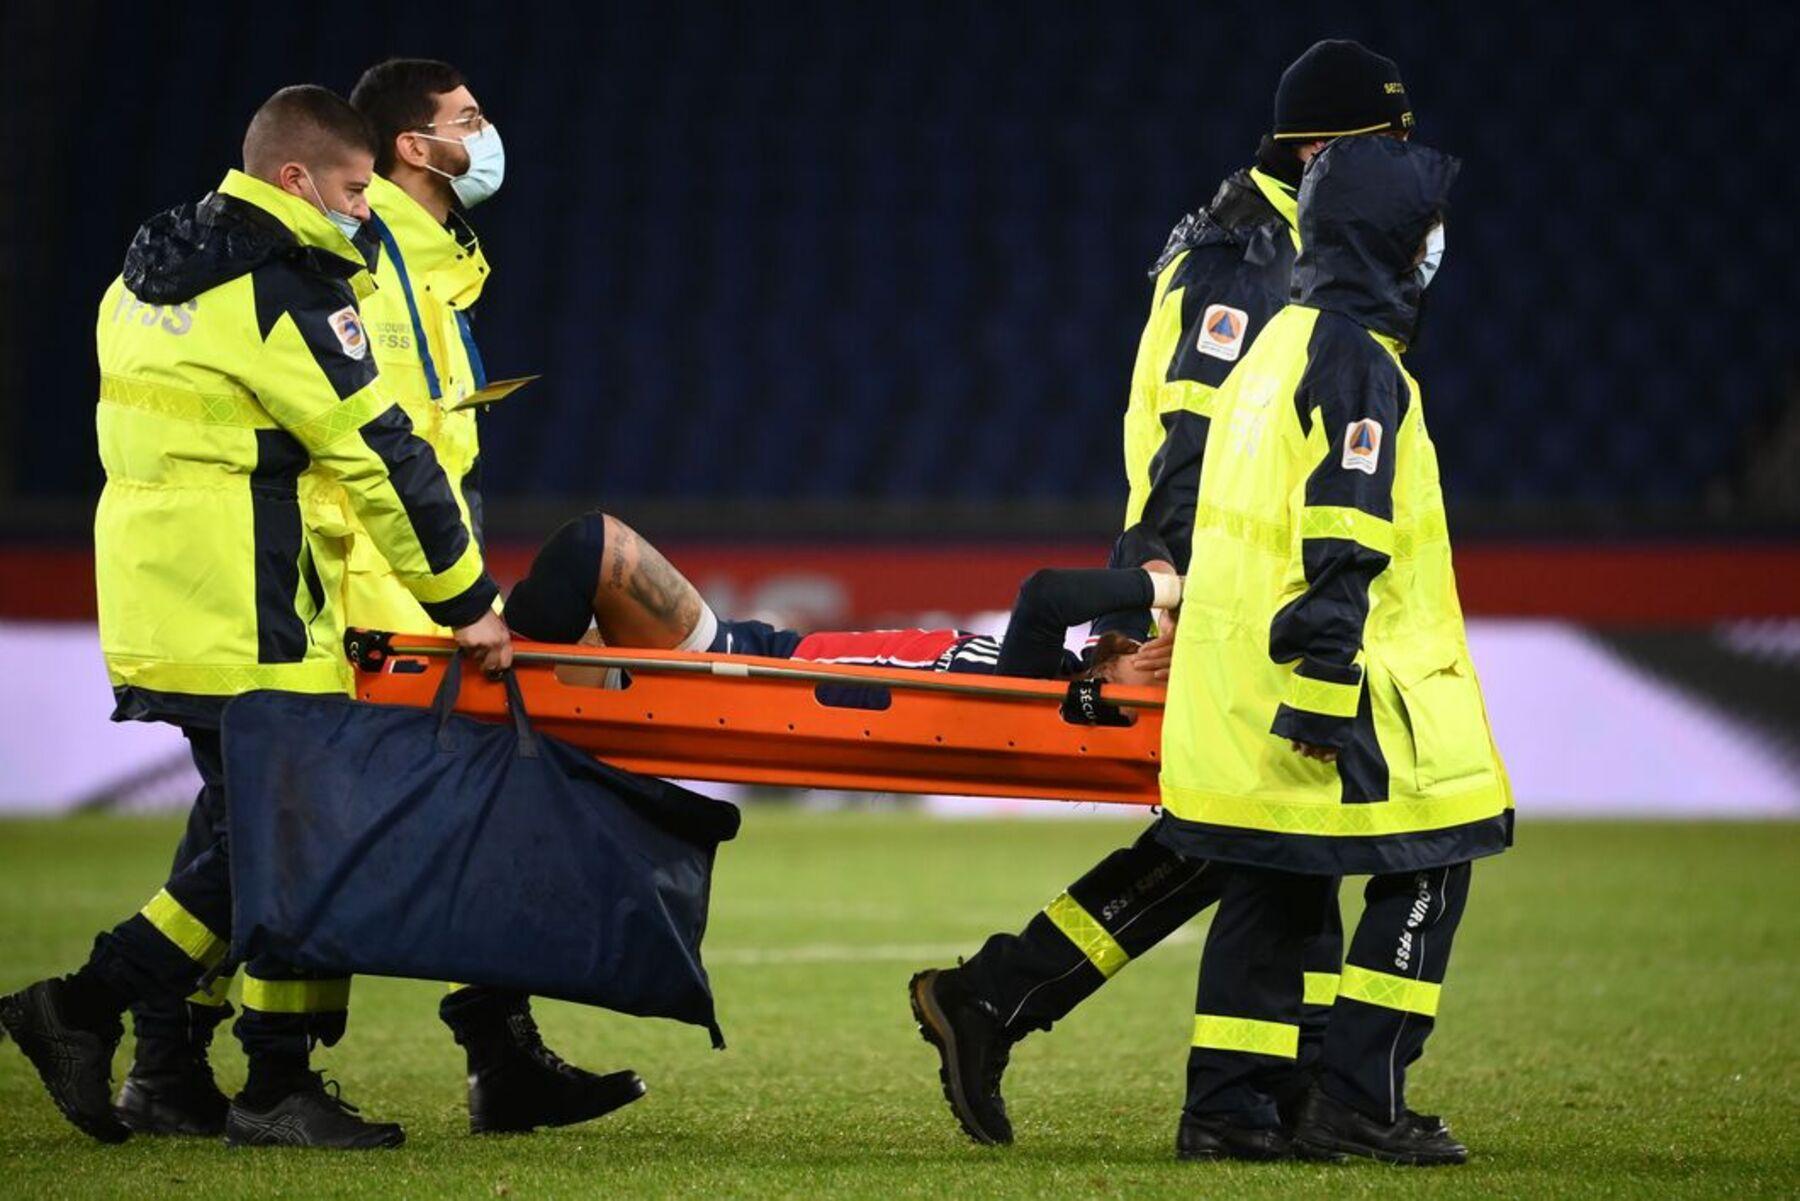 ธิอาโก้ เมนเดส ย้อนความถึงการที่เนย์มาร์บาดเจ็บเกม เปแอสเช-ลียง